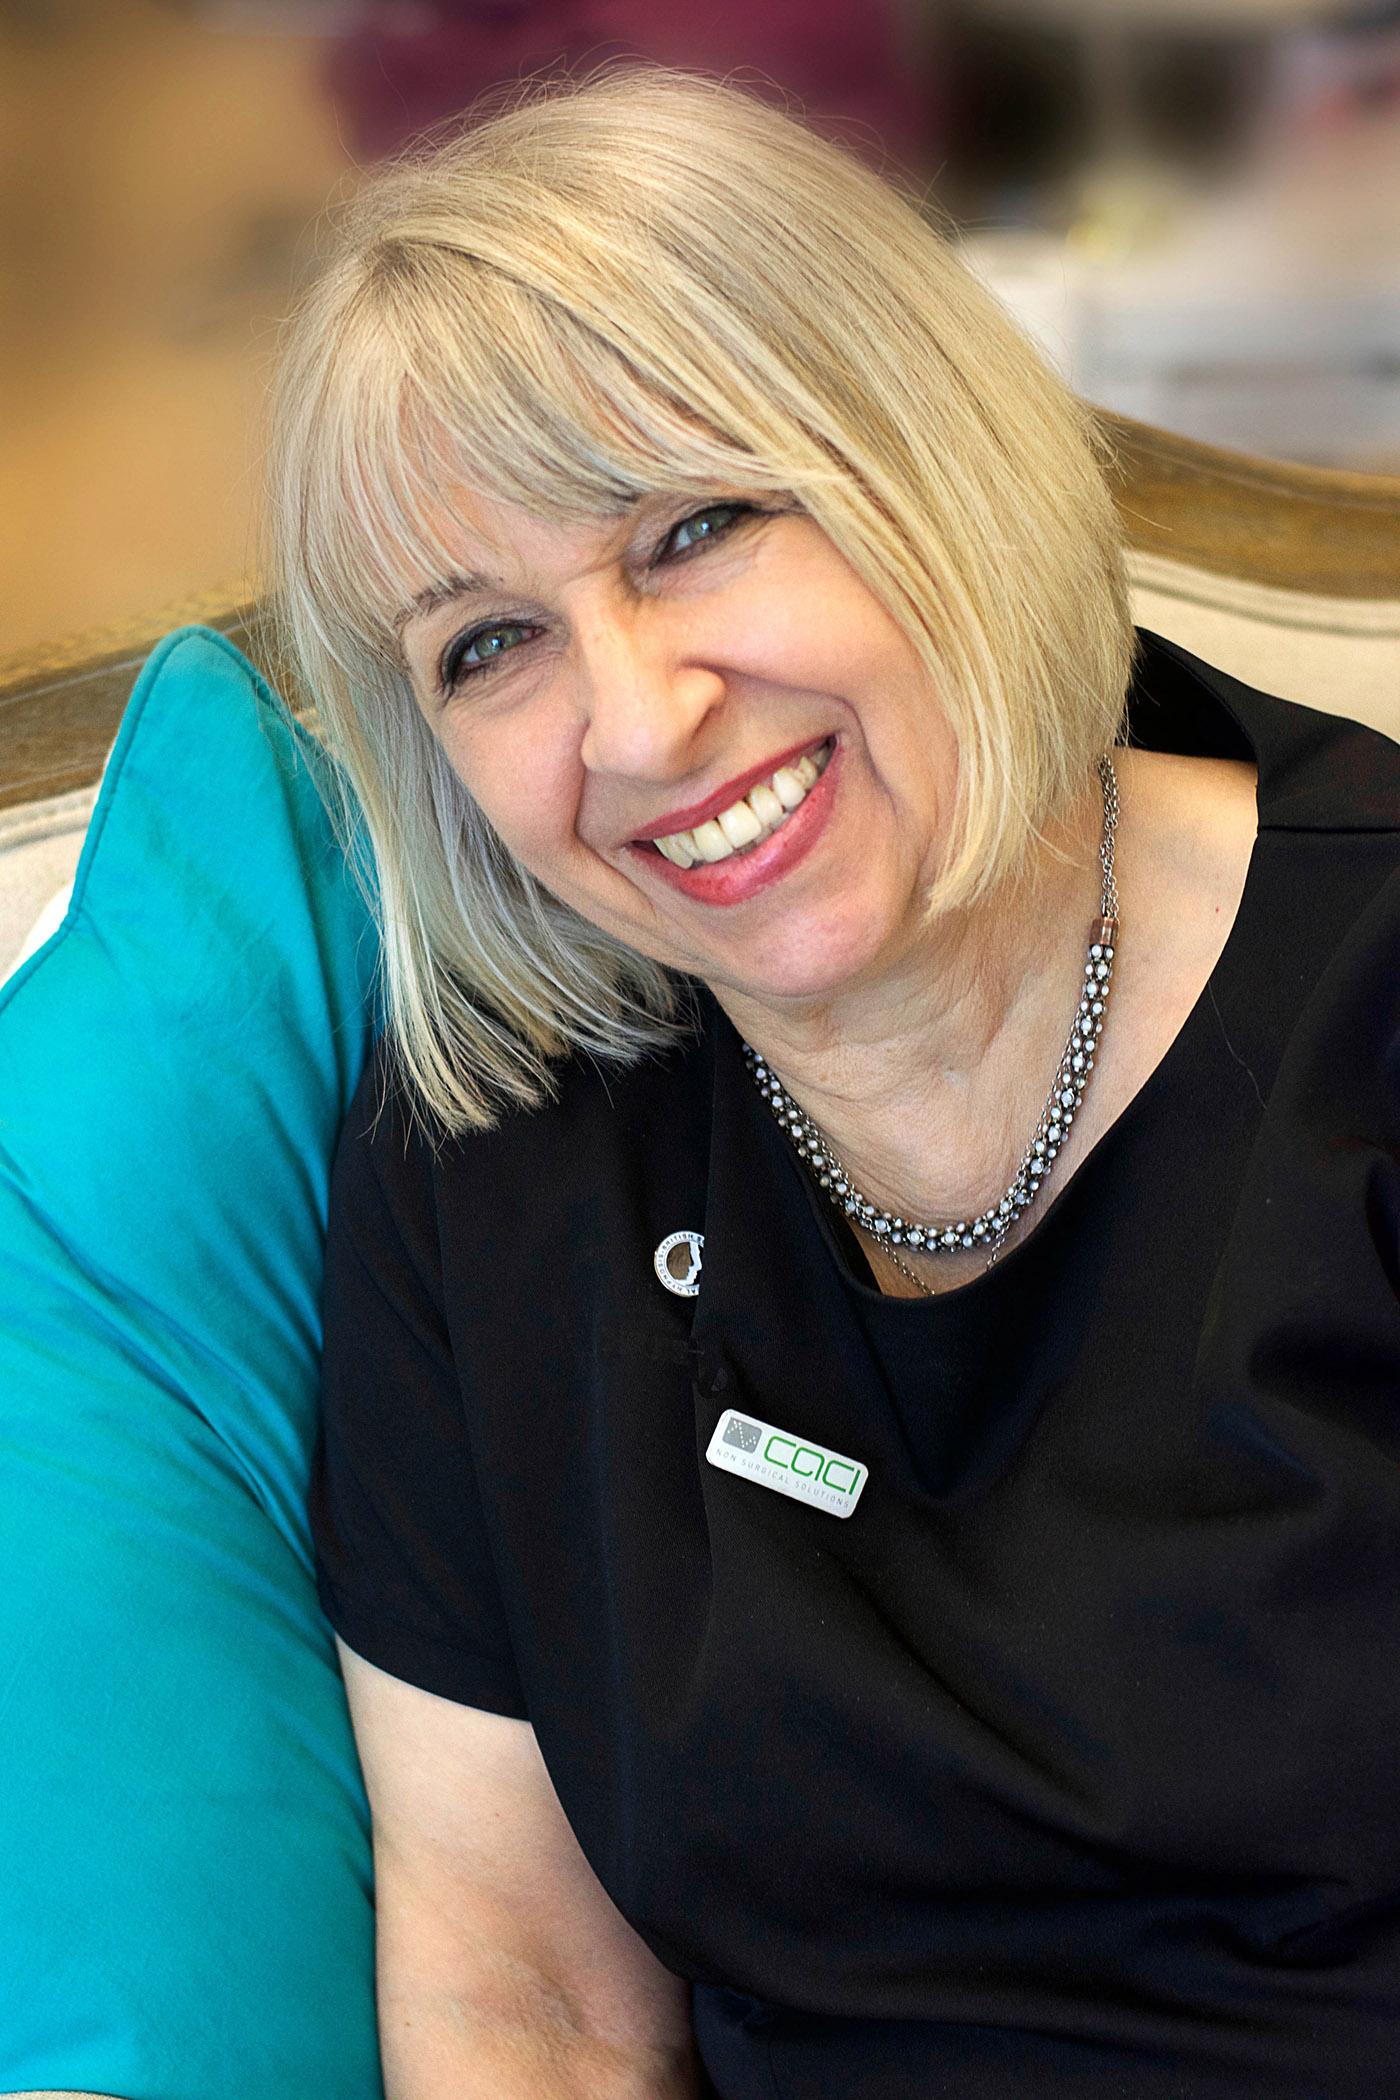 Gina, Beauty Therapist, Radlett Salon